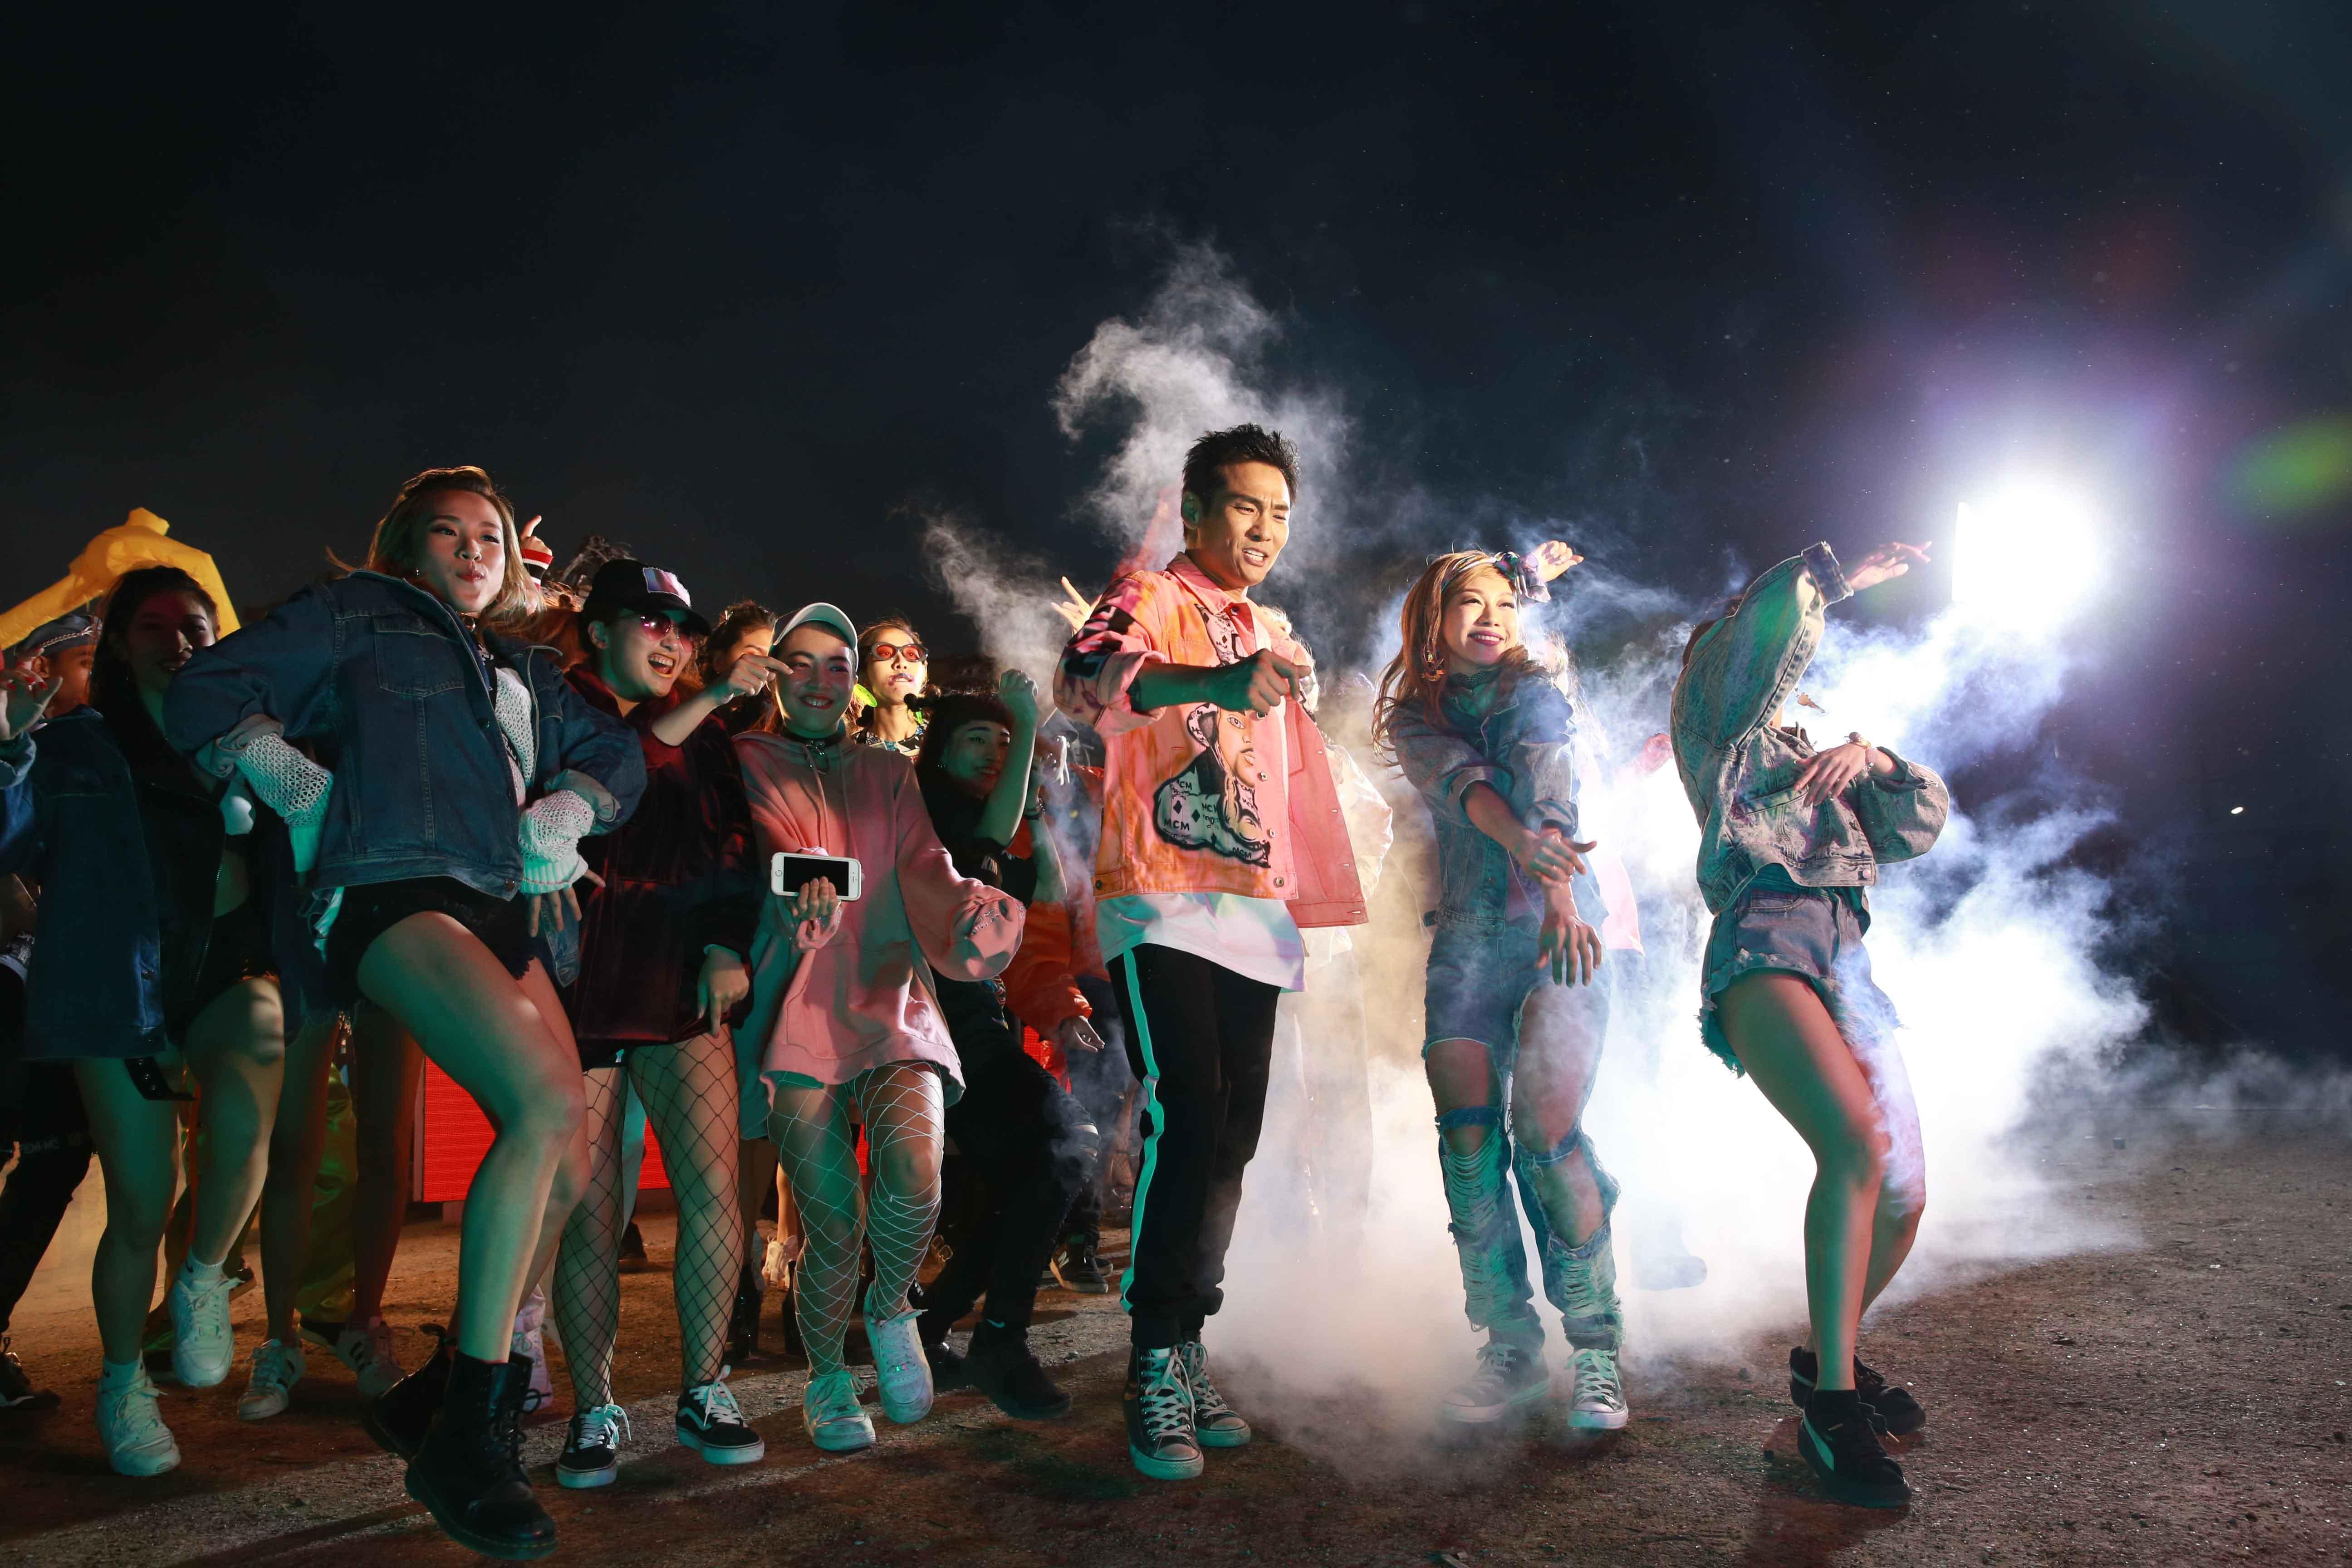 杜德伟新专《起来》同名MV首发 活力畅快能量全开